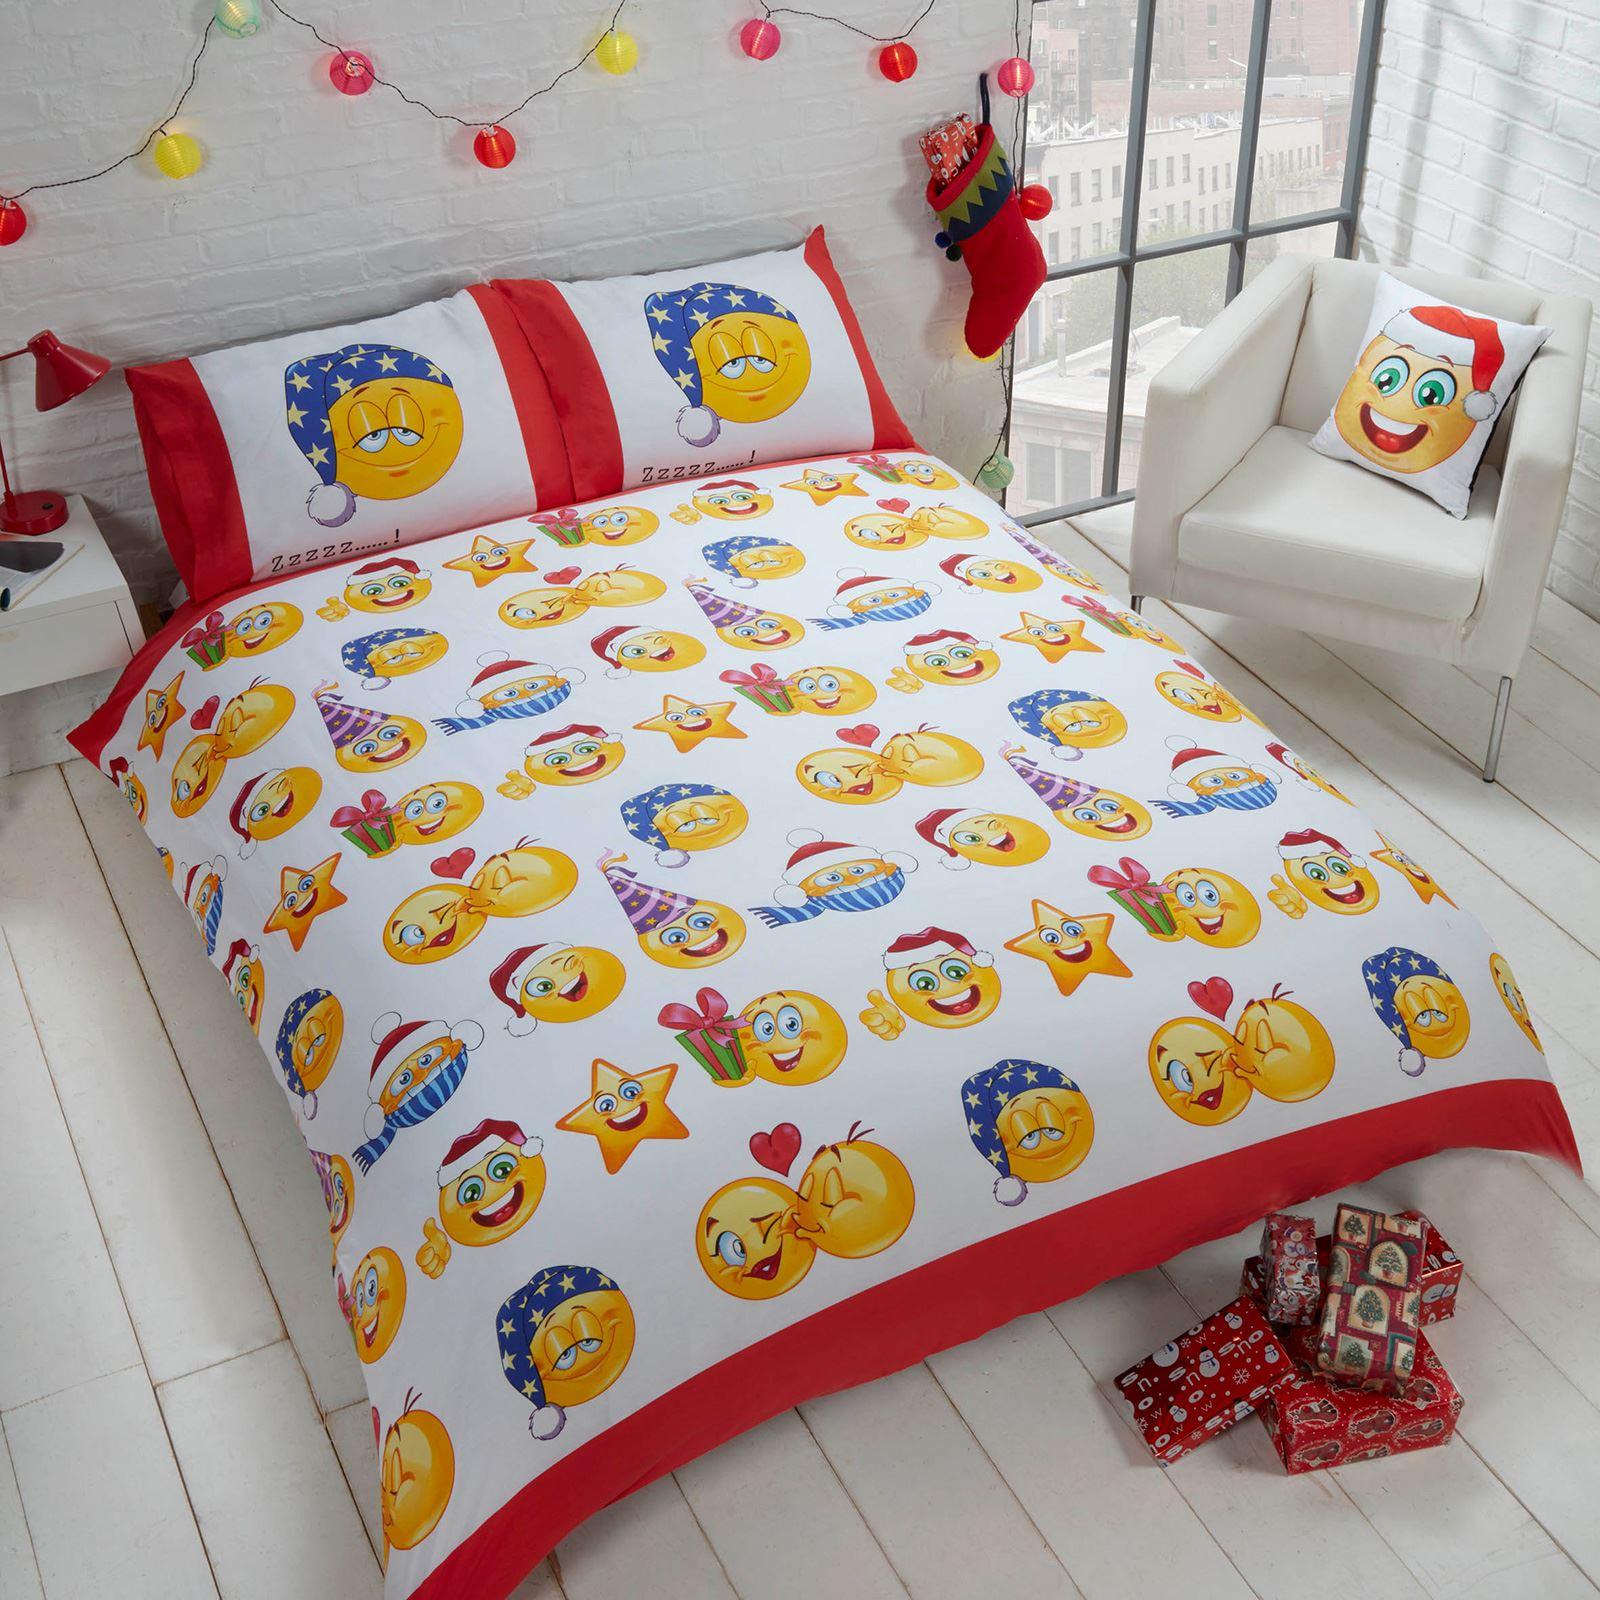 Indexbild 30 - Kinder Weihnachten Bettbezug Sets - Junior Einzel Doppel King - Elf Emoji Grinch